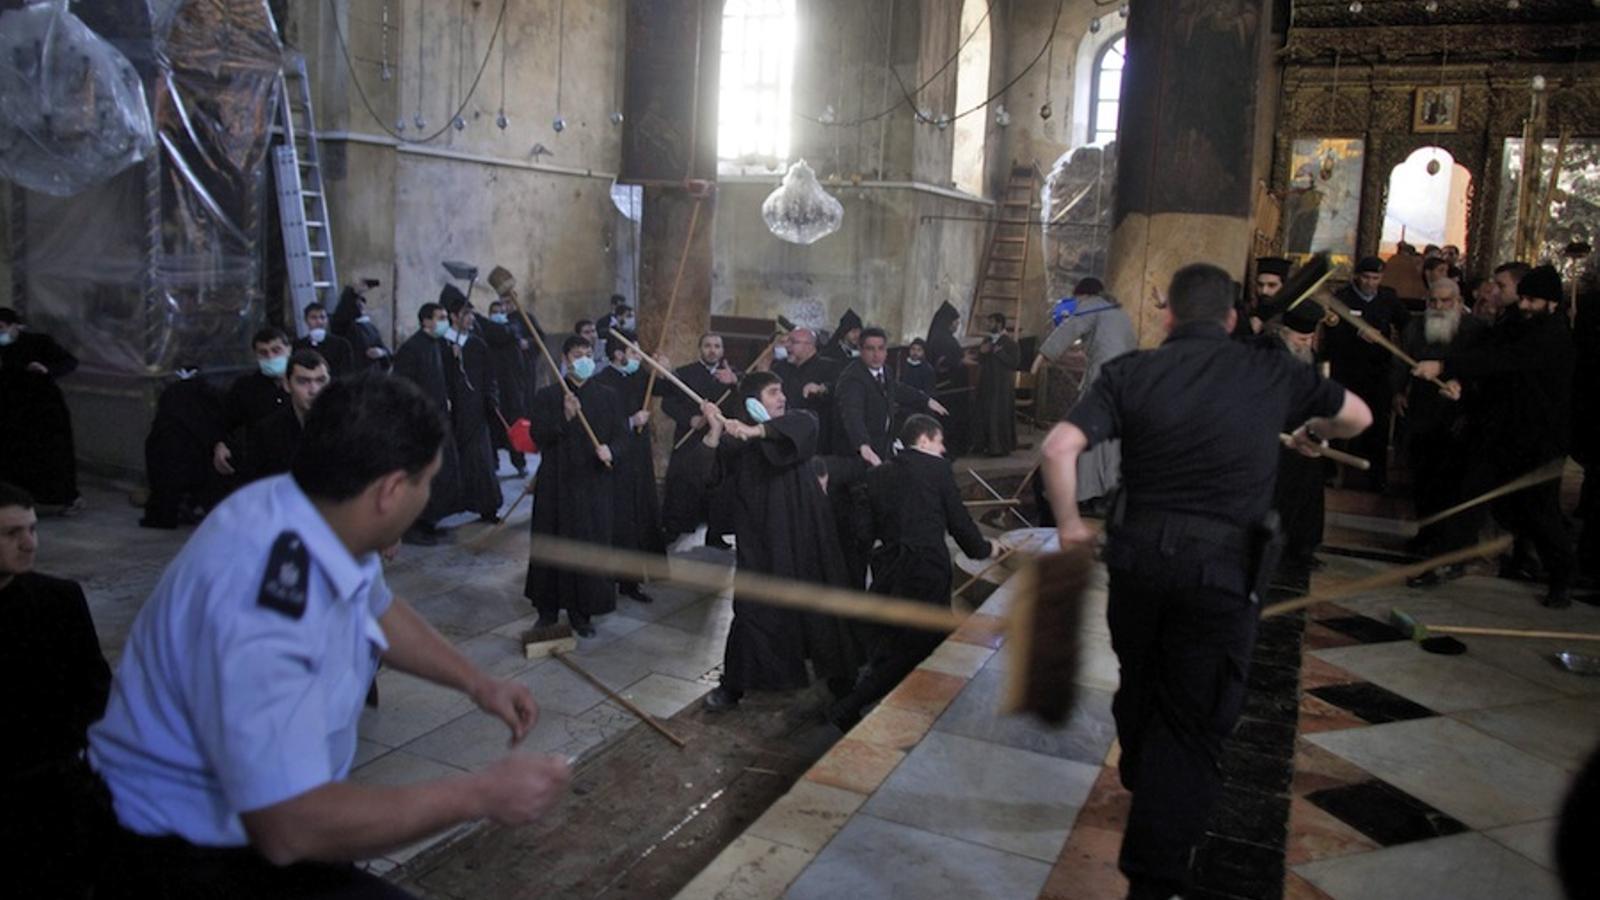 Monjos grecs i armenis ortodoxos s'esbatussen a la capella de la nativitat de Betlem